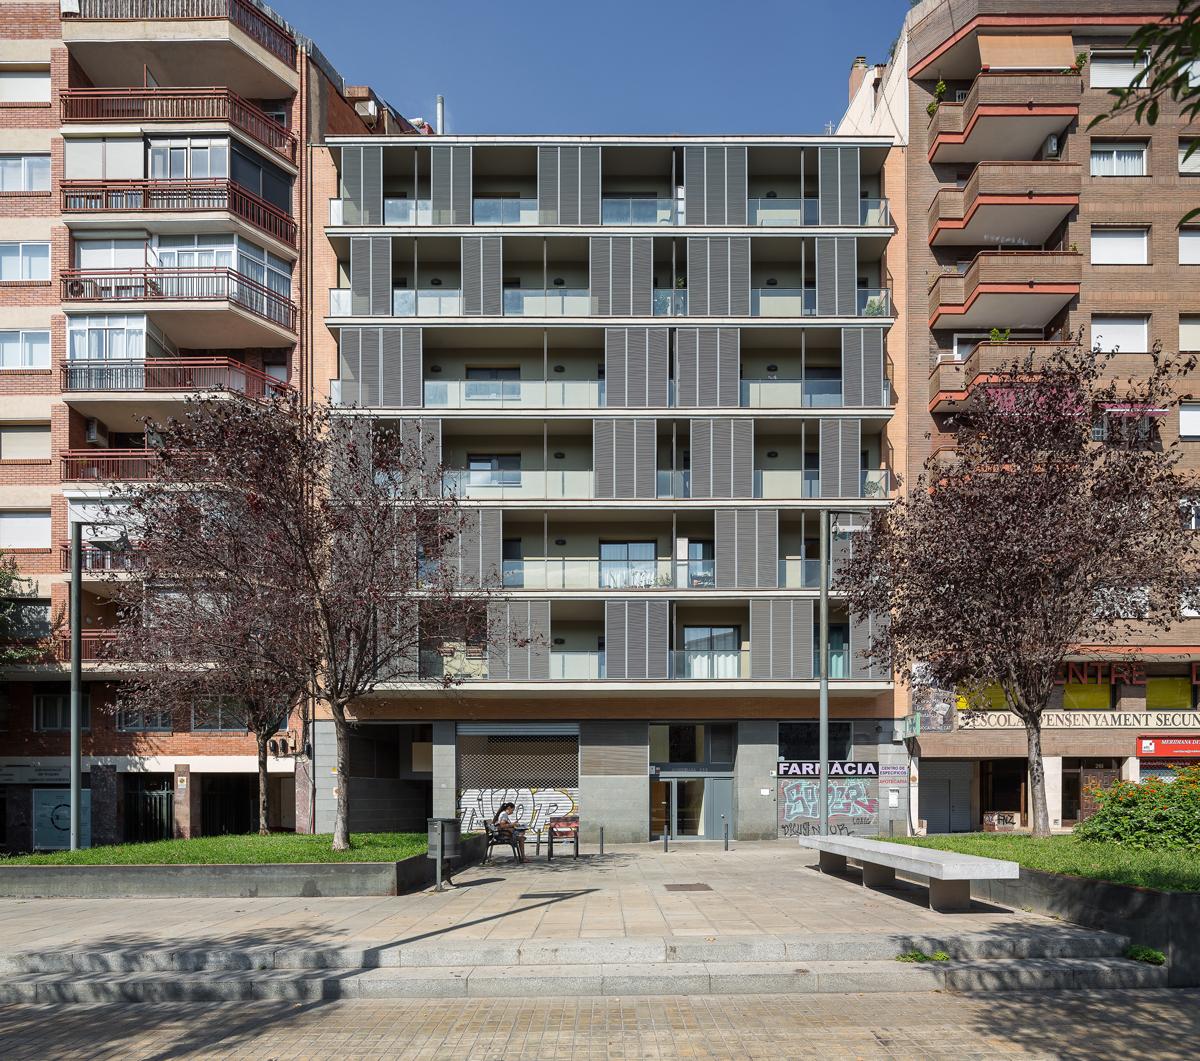 façana habitatges avinguda meridiana, 33 habitatges a sant andreu, barcelona